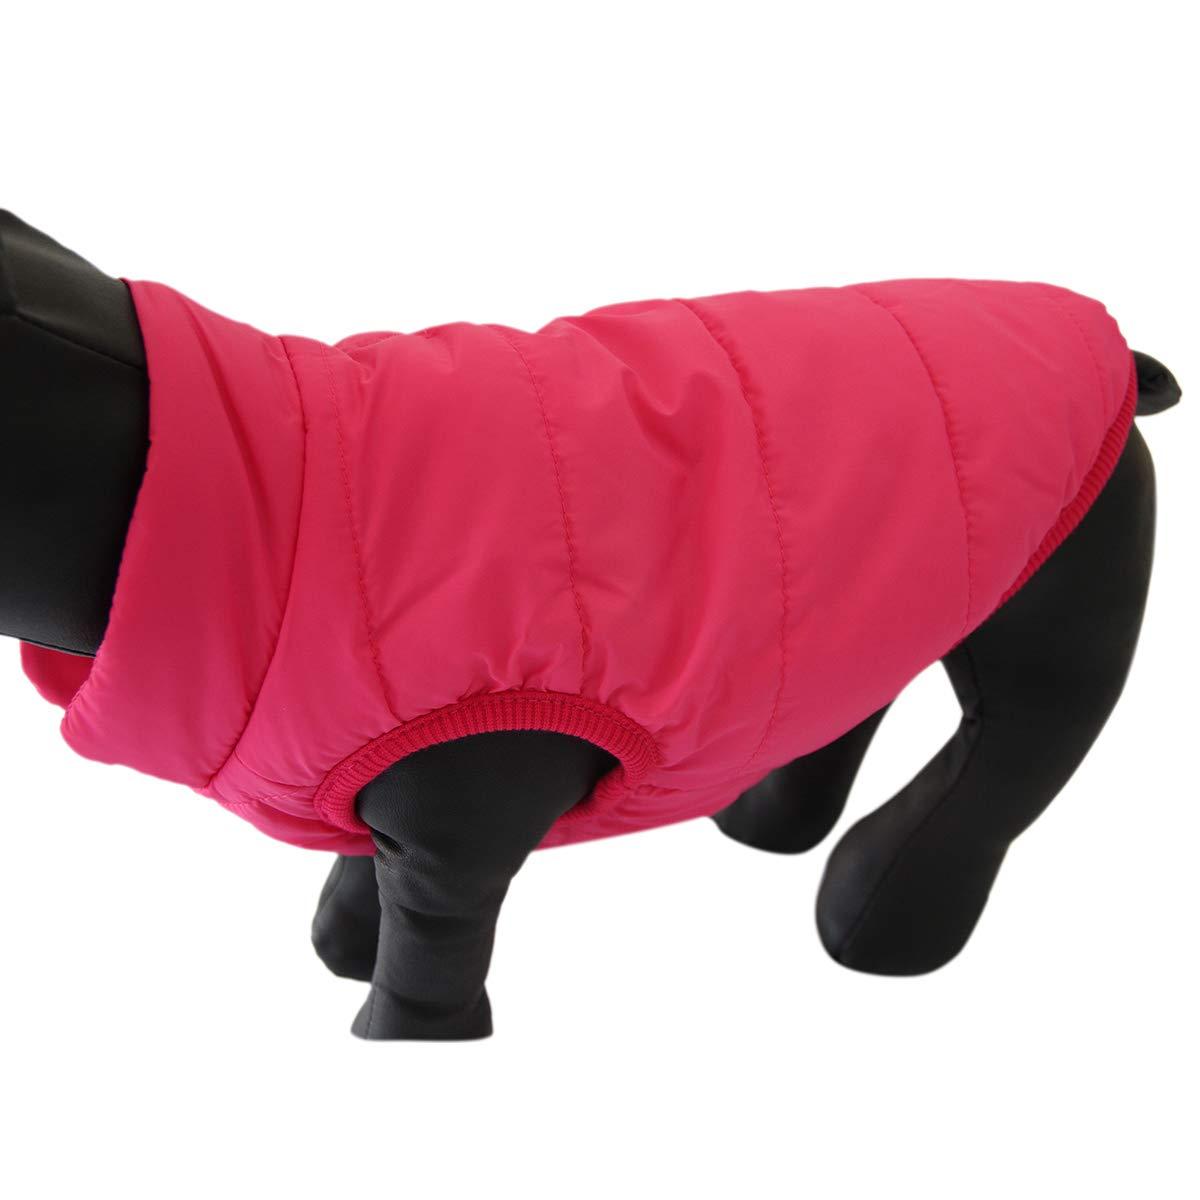 Chaqueta de Forro Polar para Perro 2 Capas Extra Suave Resistente al Viento Muy c/álida para Invierno y Clima fr/ío para Perros JoyDaog